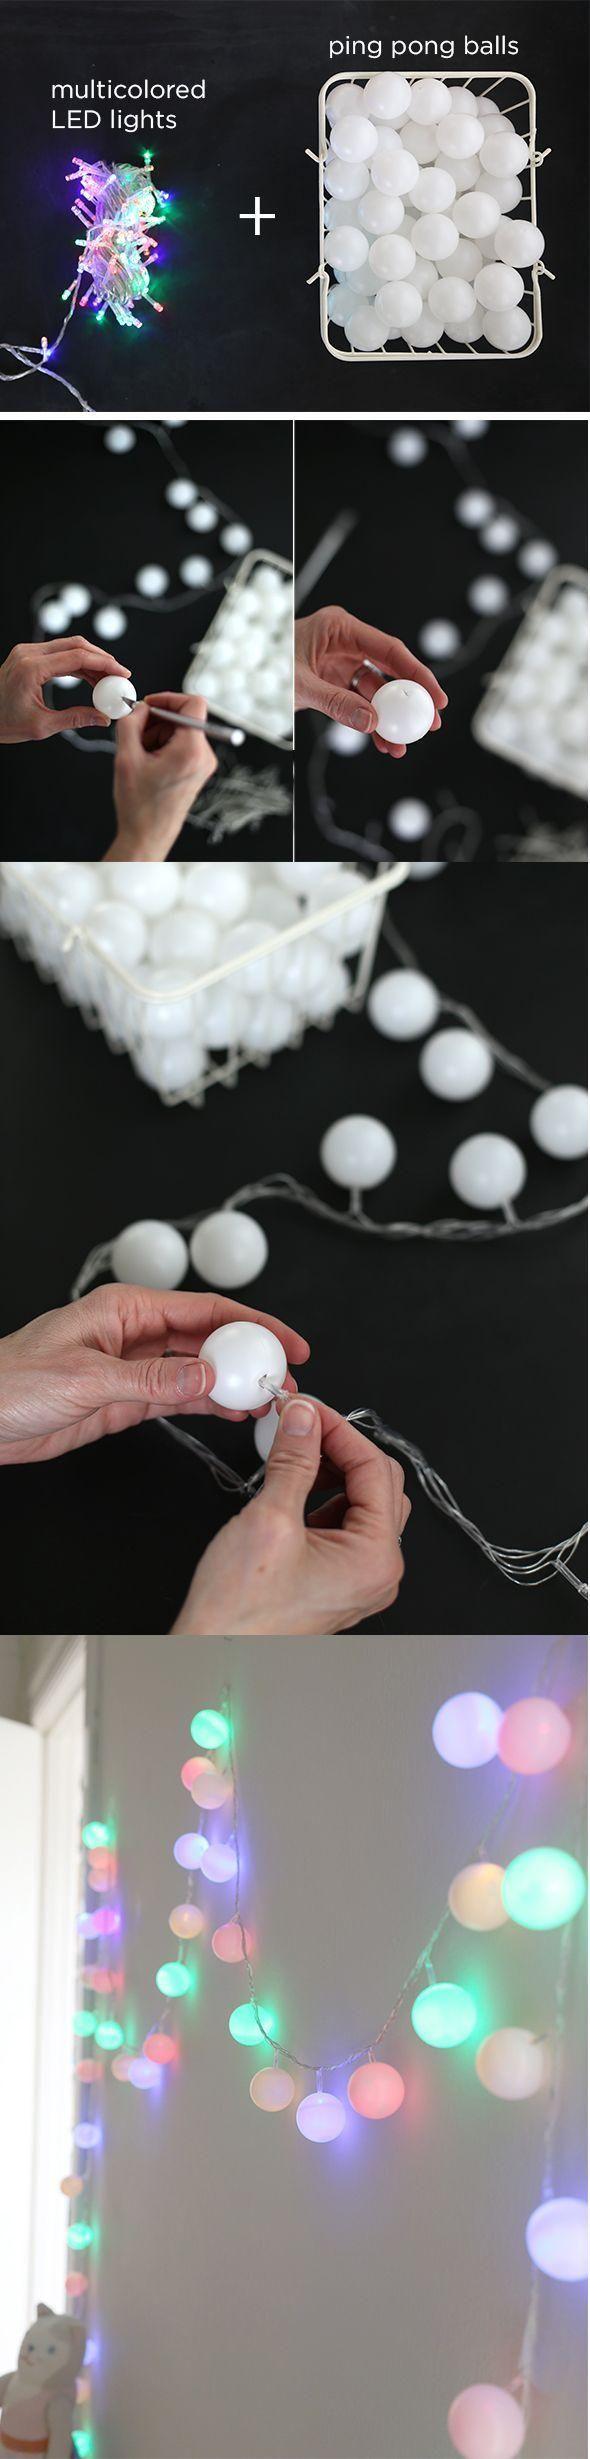 Hecho a mano DIY Home decor. Pelotas de ping pong convertidas en luces led de ambiente. Great idea! awesome DIY Home Decor #diy